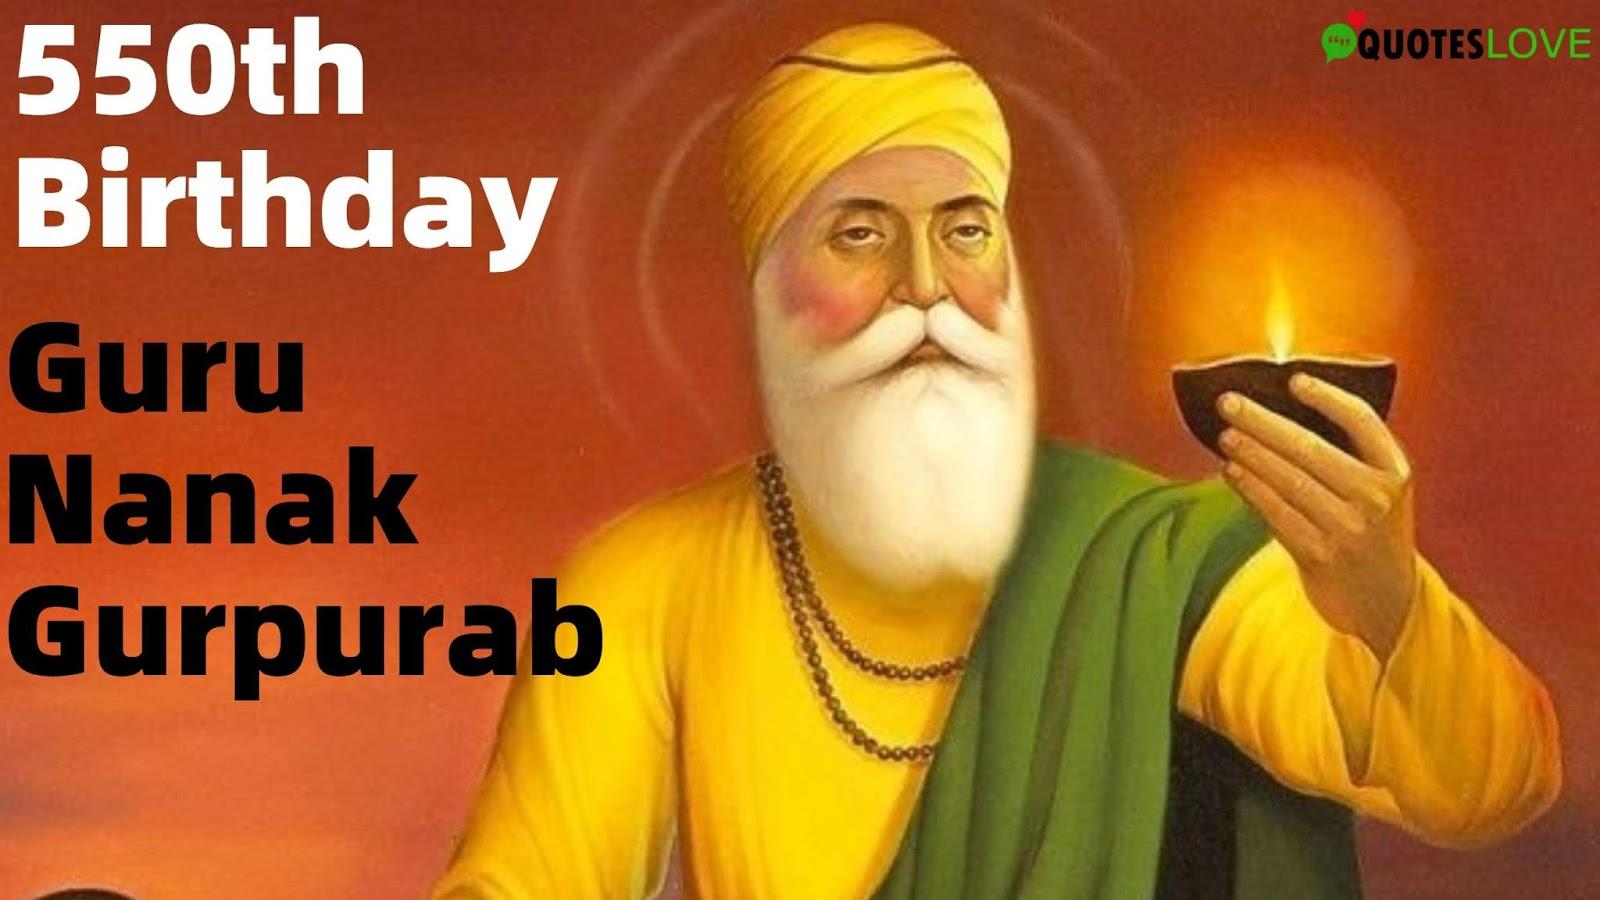 Guru Nanak Gurpurab 550th Birthday Image